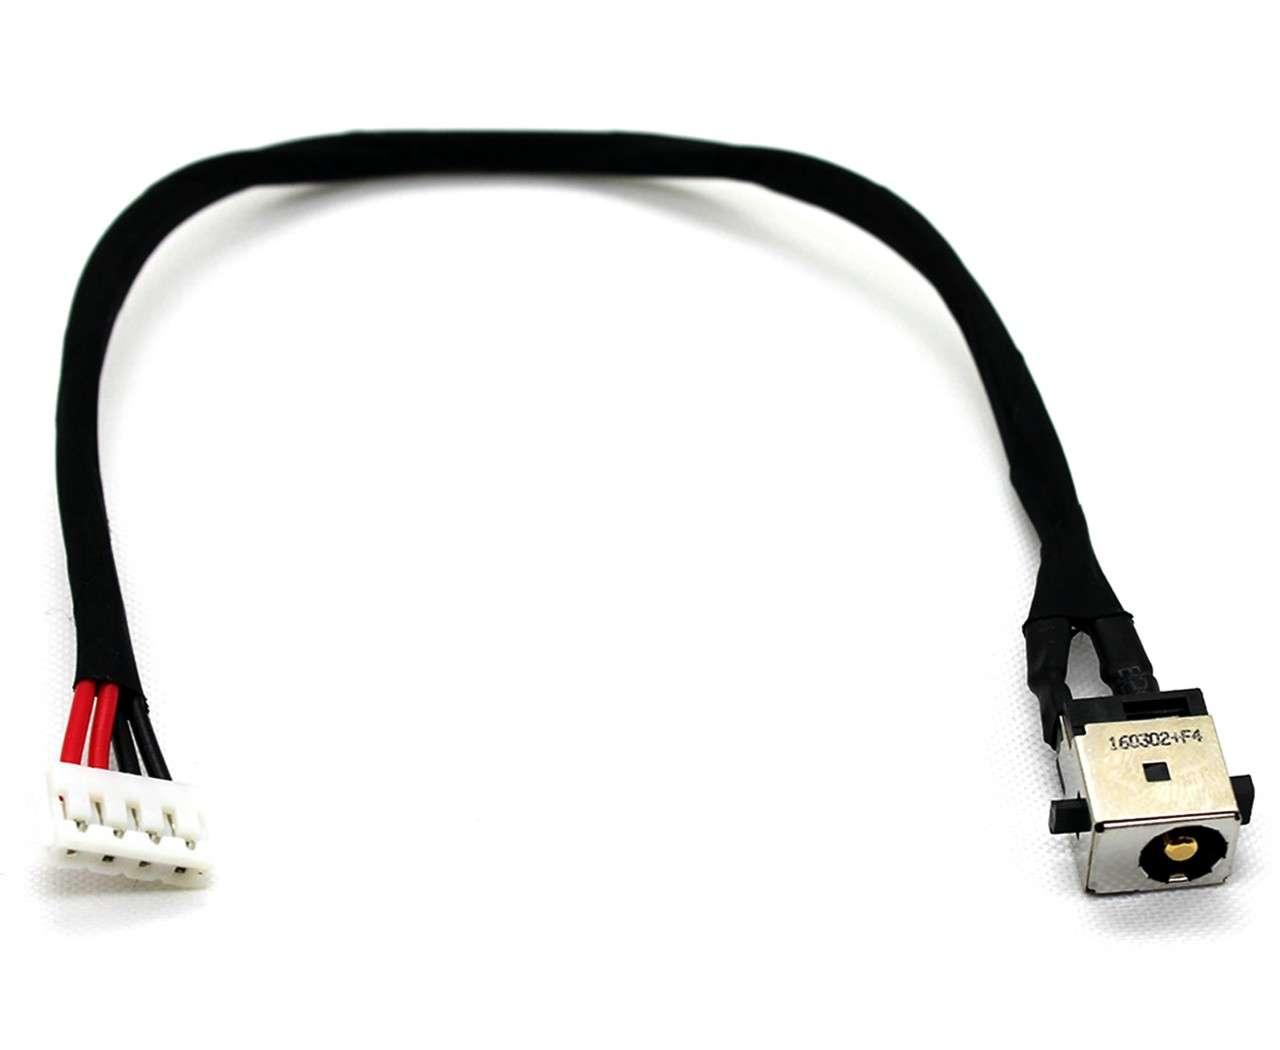 Mufa alimentare laptop Asus A550Z cu fir imagine powerlaptop.ro 2021